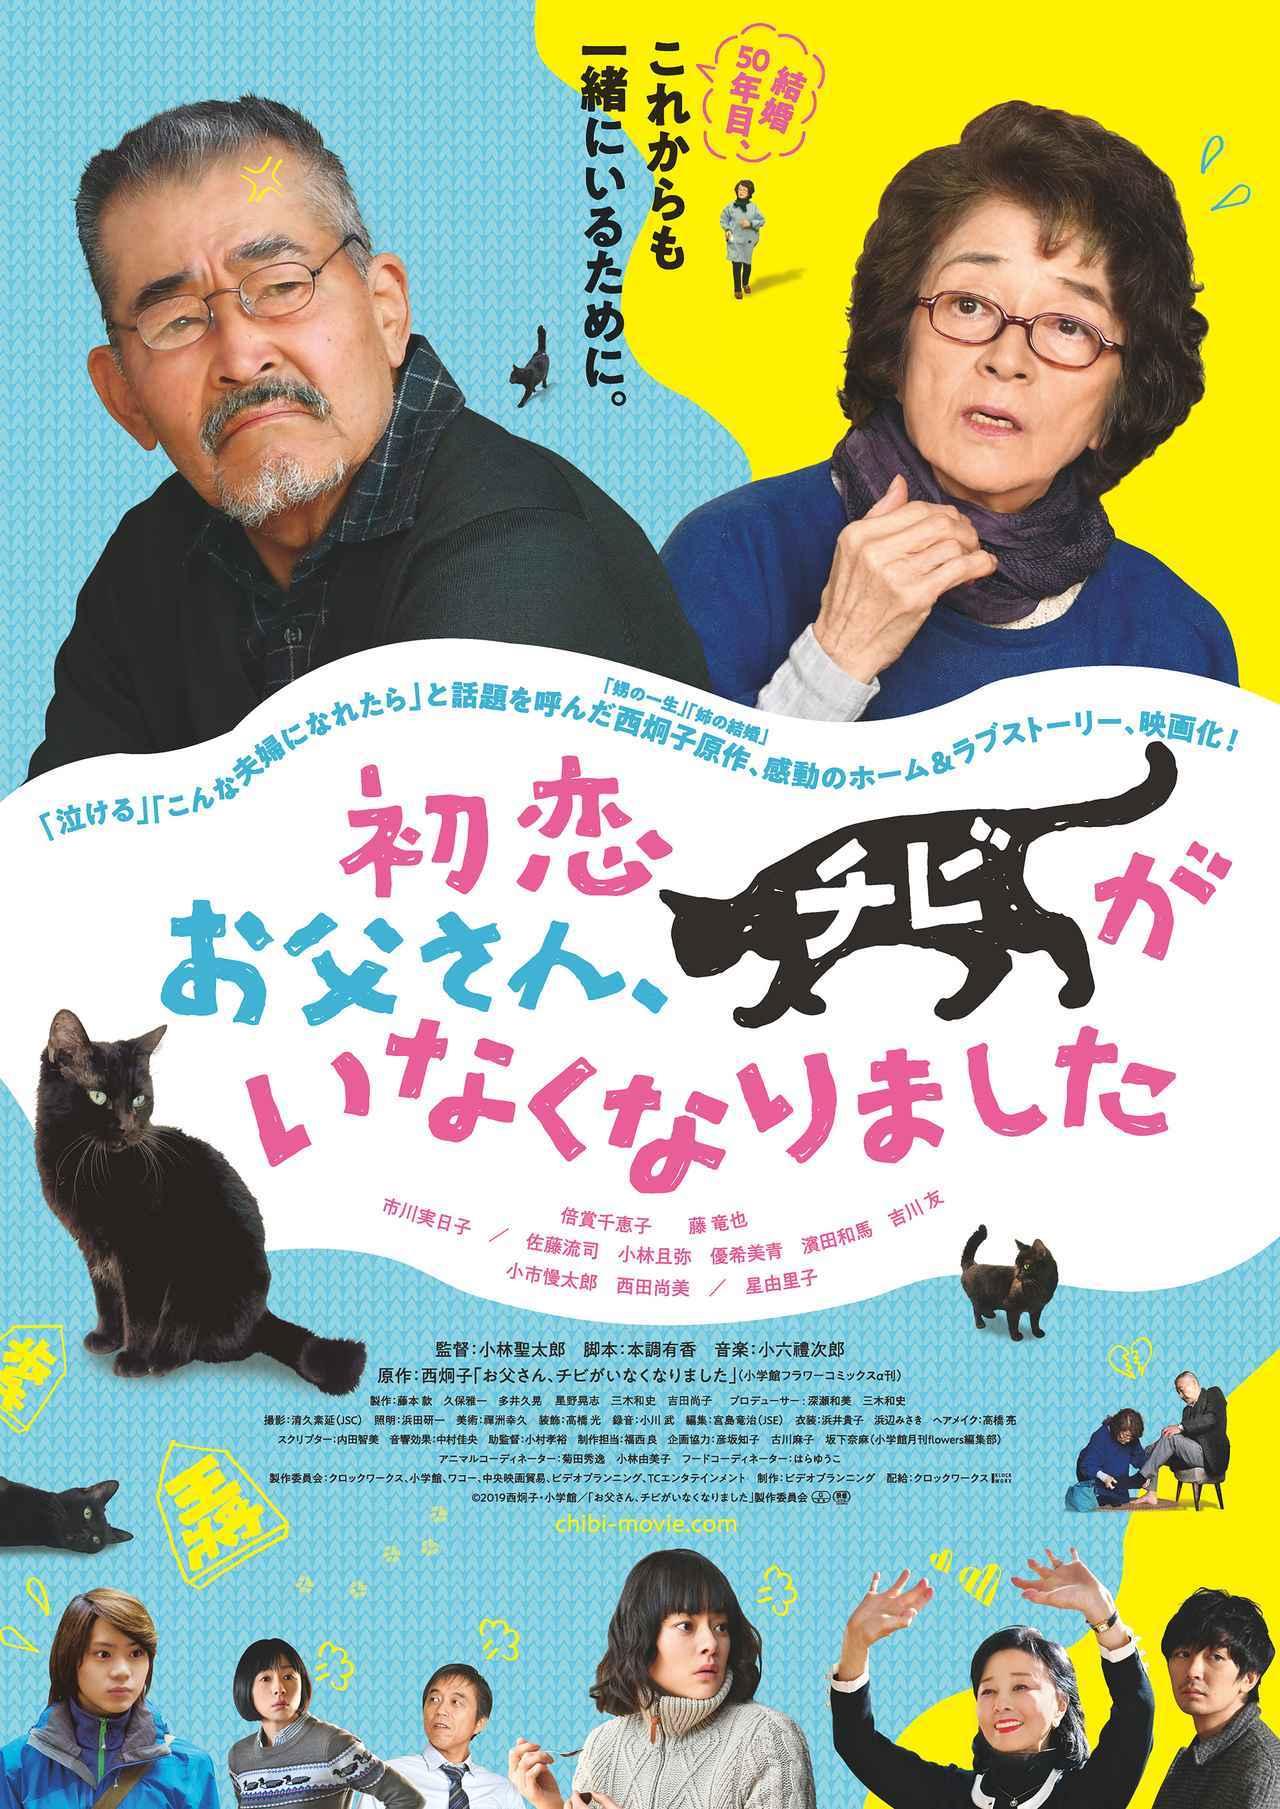 画像: 50 年一緒に過ごしてきて、初めてお互いの気持ちに向き合う 2 人に起こる、猫がくれた優しい奇跡『初恋〜お父さんチビがいなくなりました』予告公開!